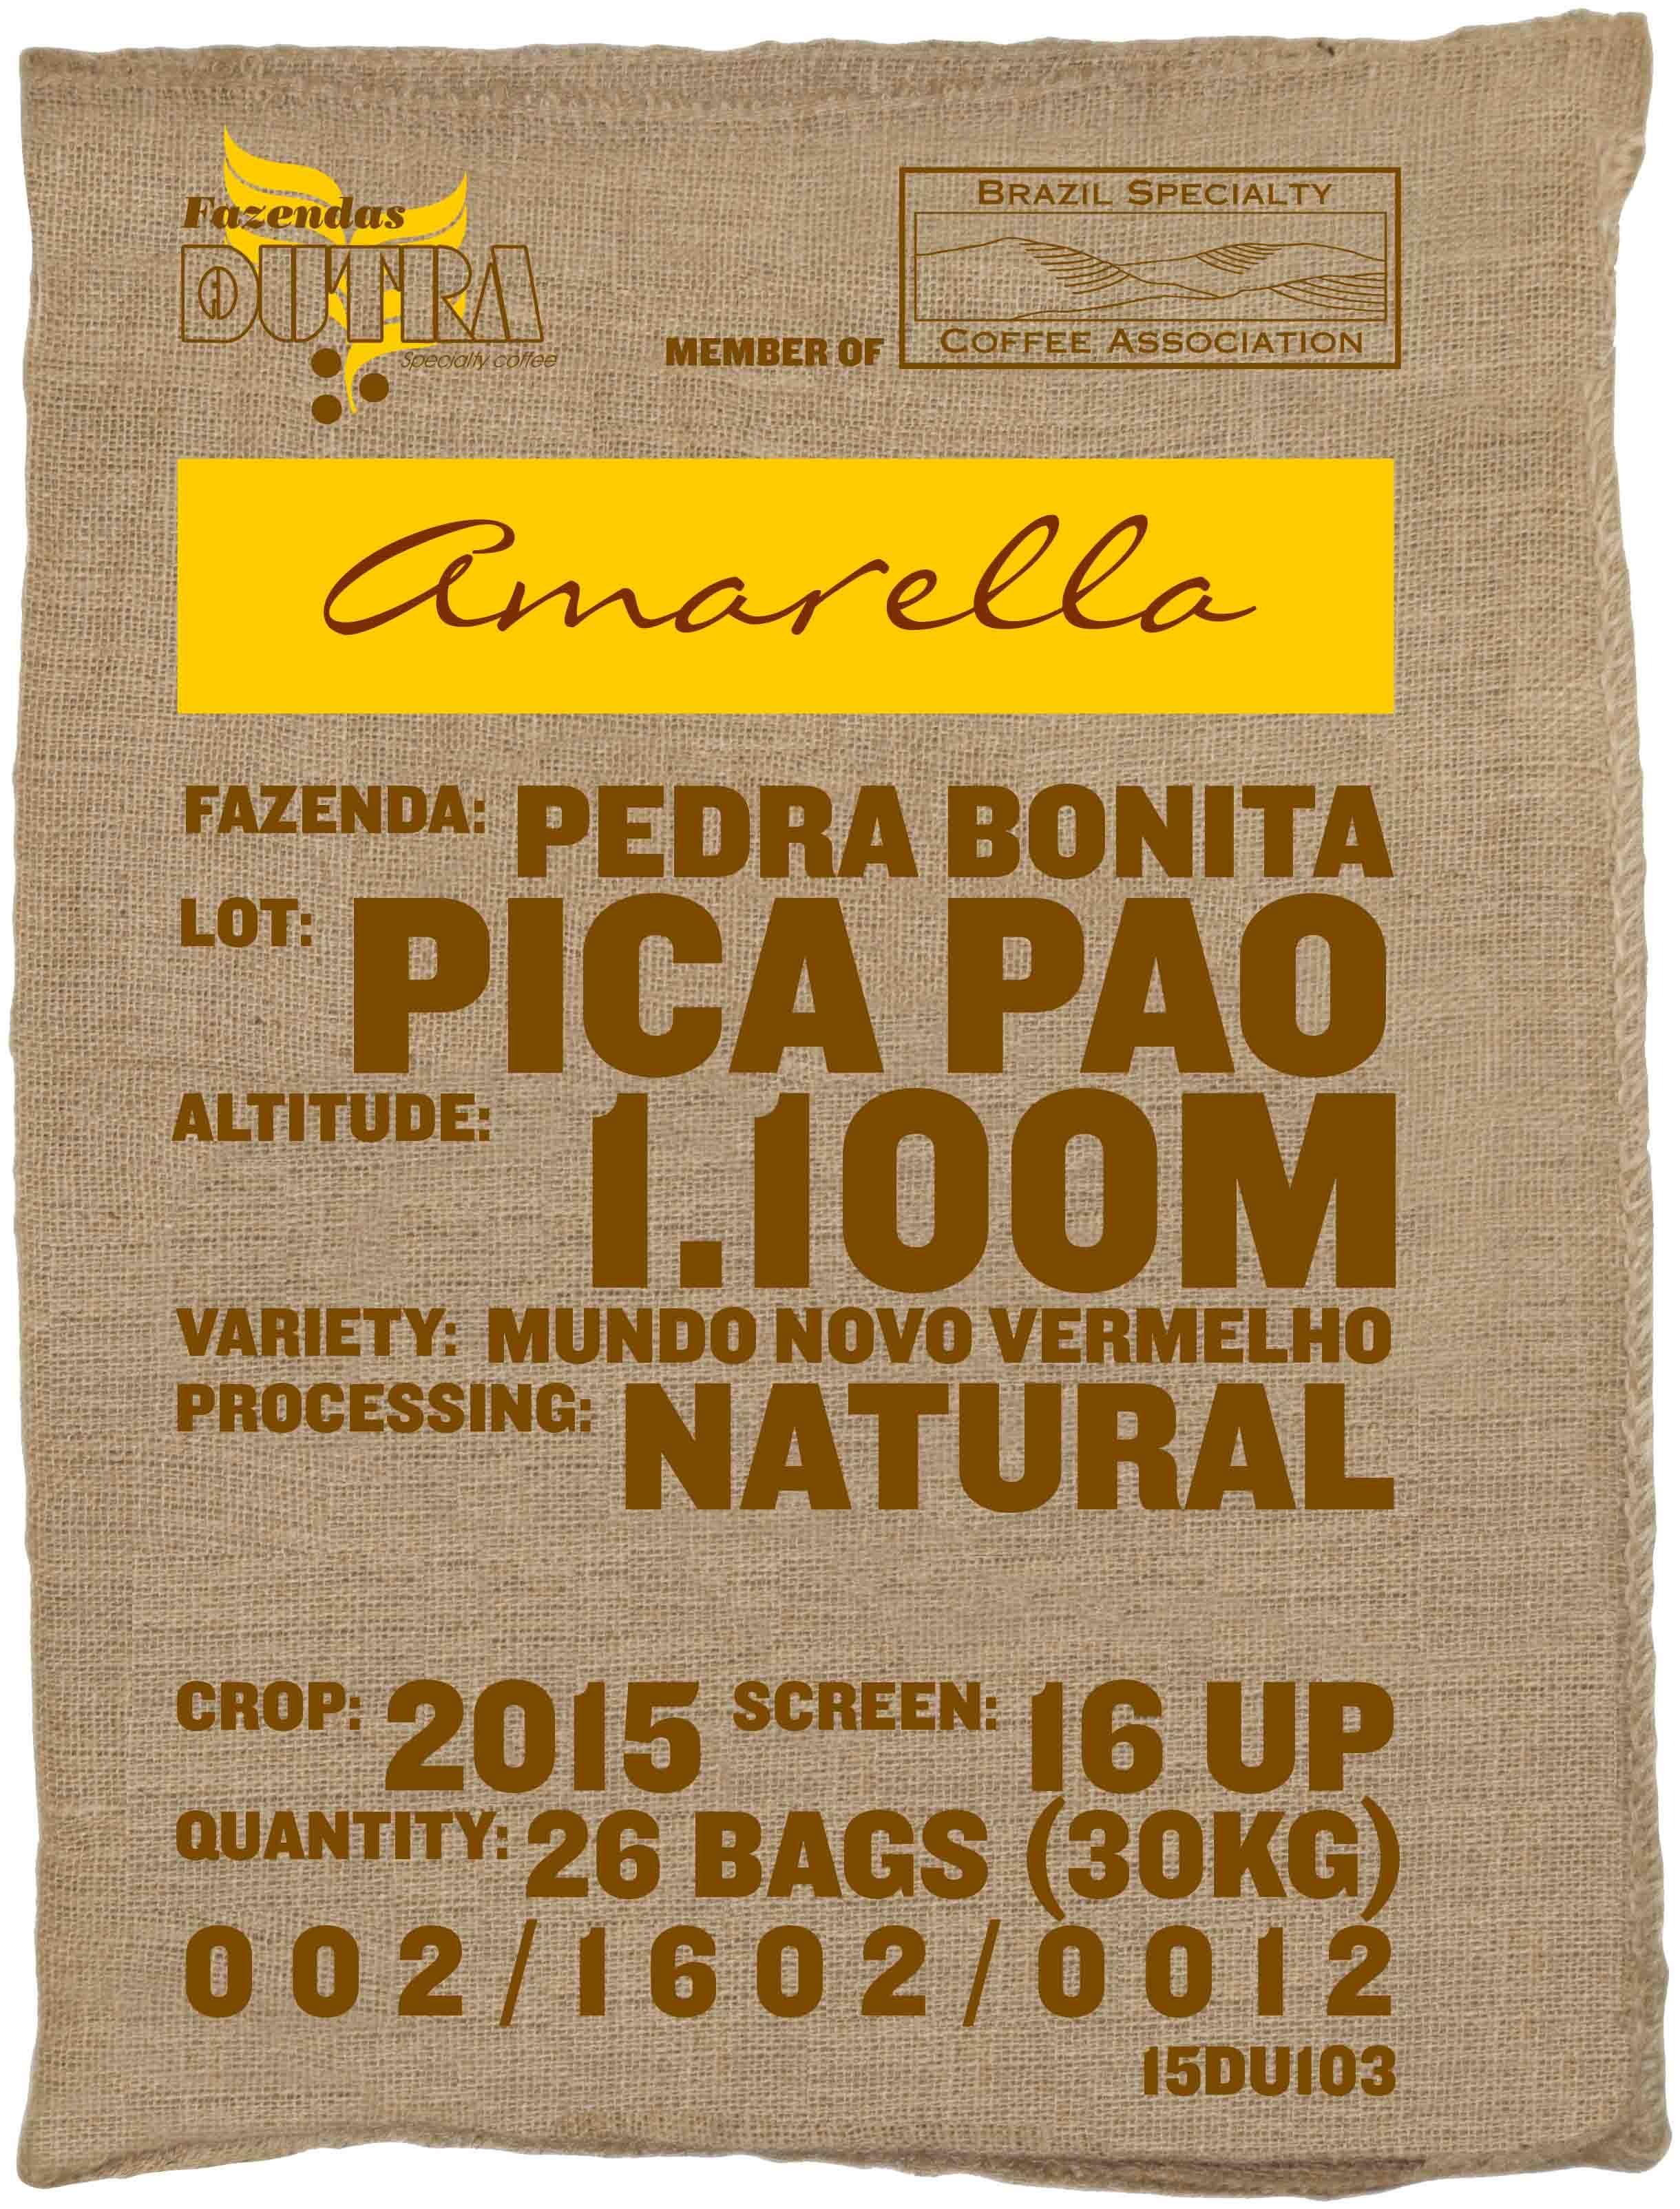 Ein Rohkaffeesack amarella Parzellenkaffee Varietät Mundo Novo vermelho. Fazendas Dutra Lot Pica Pao.